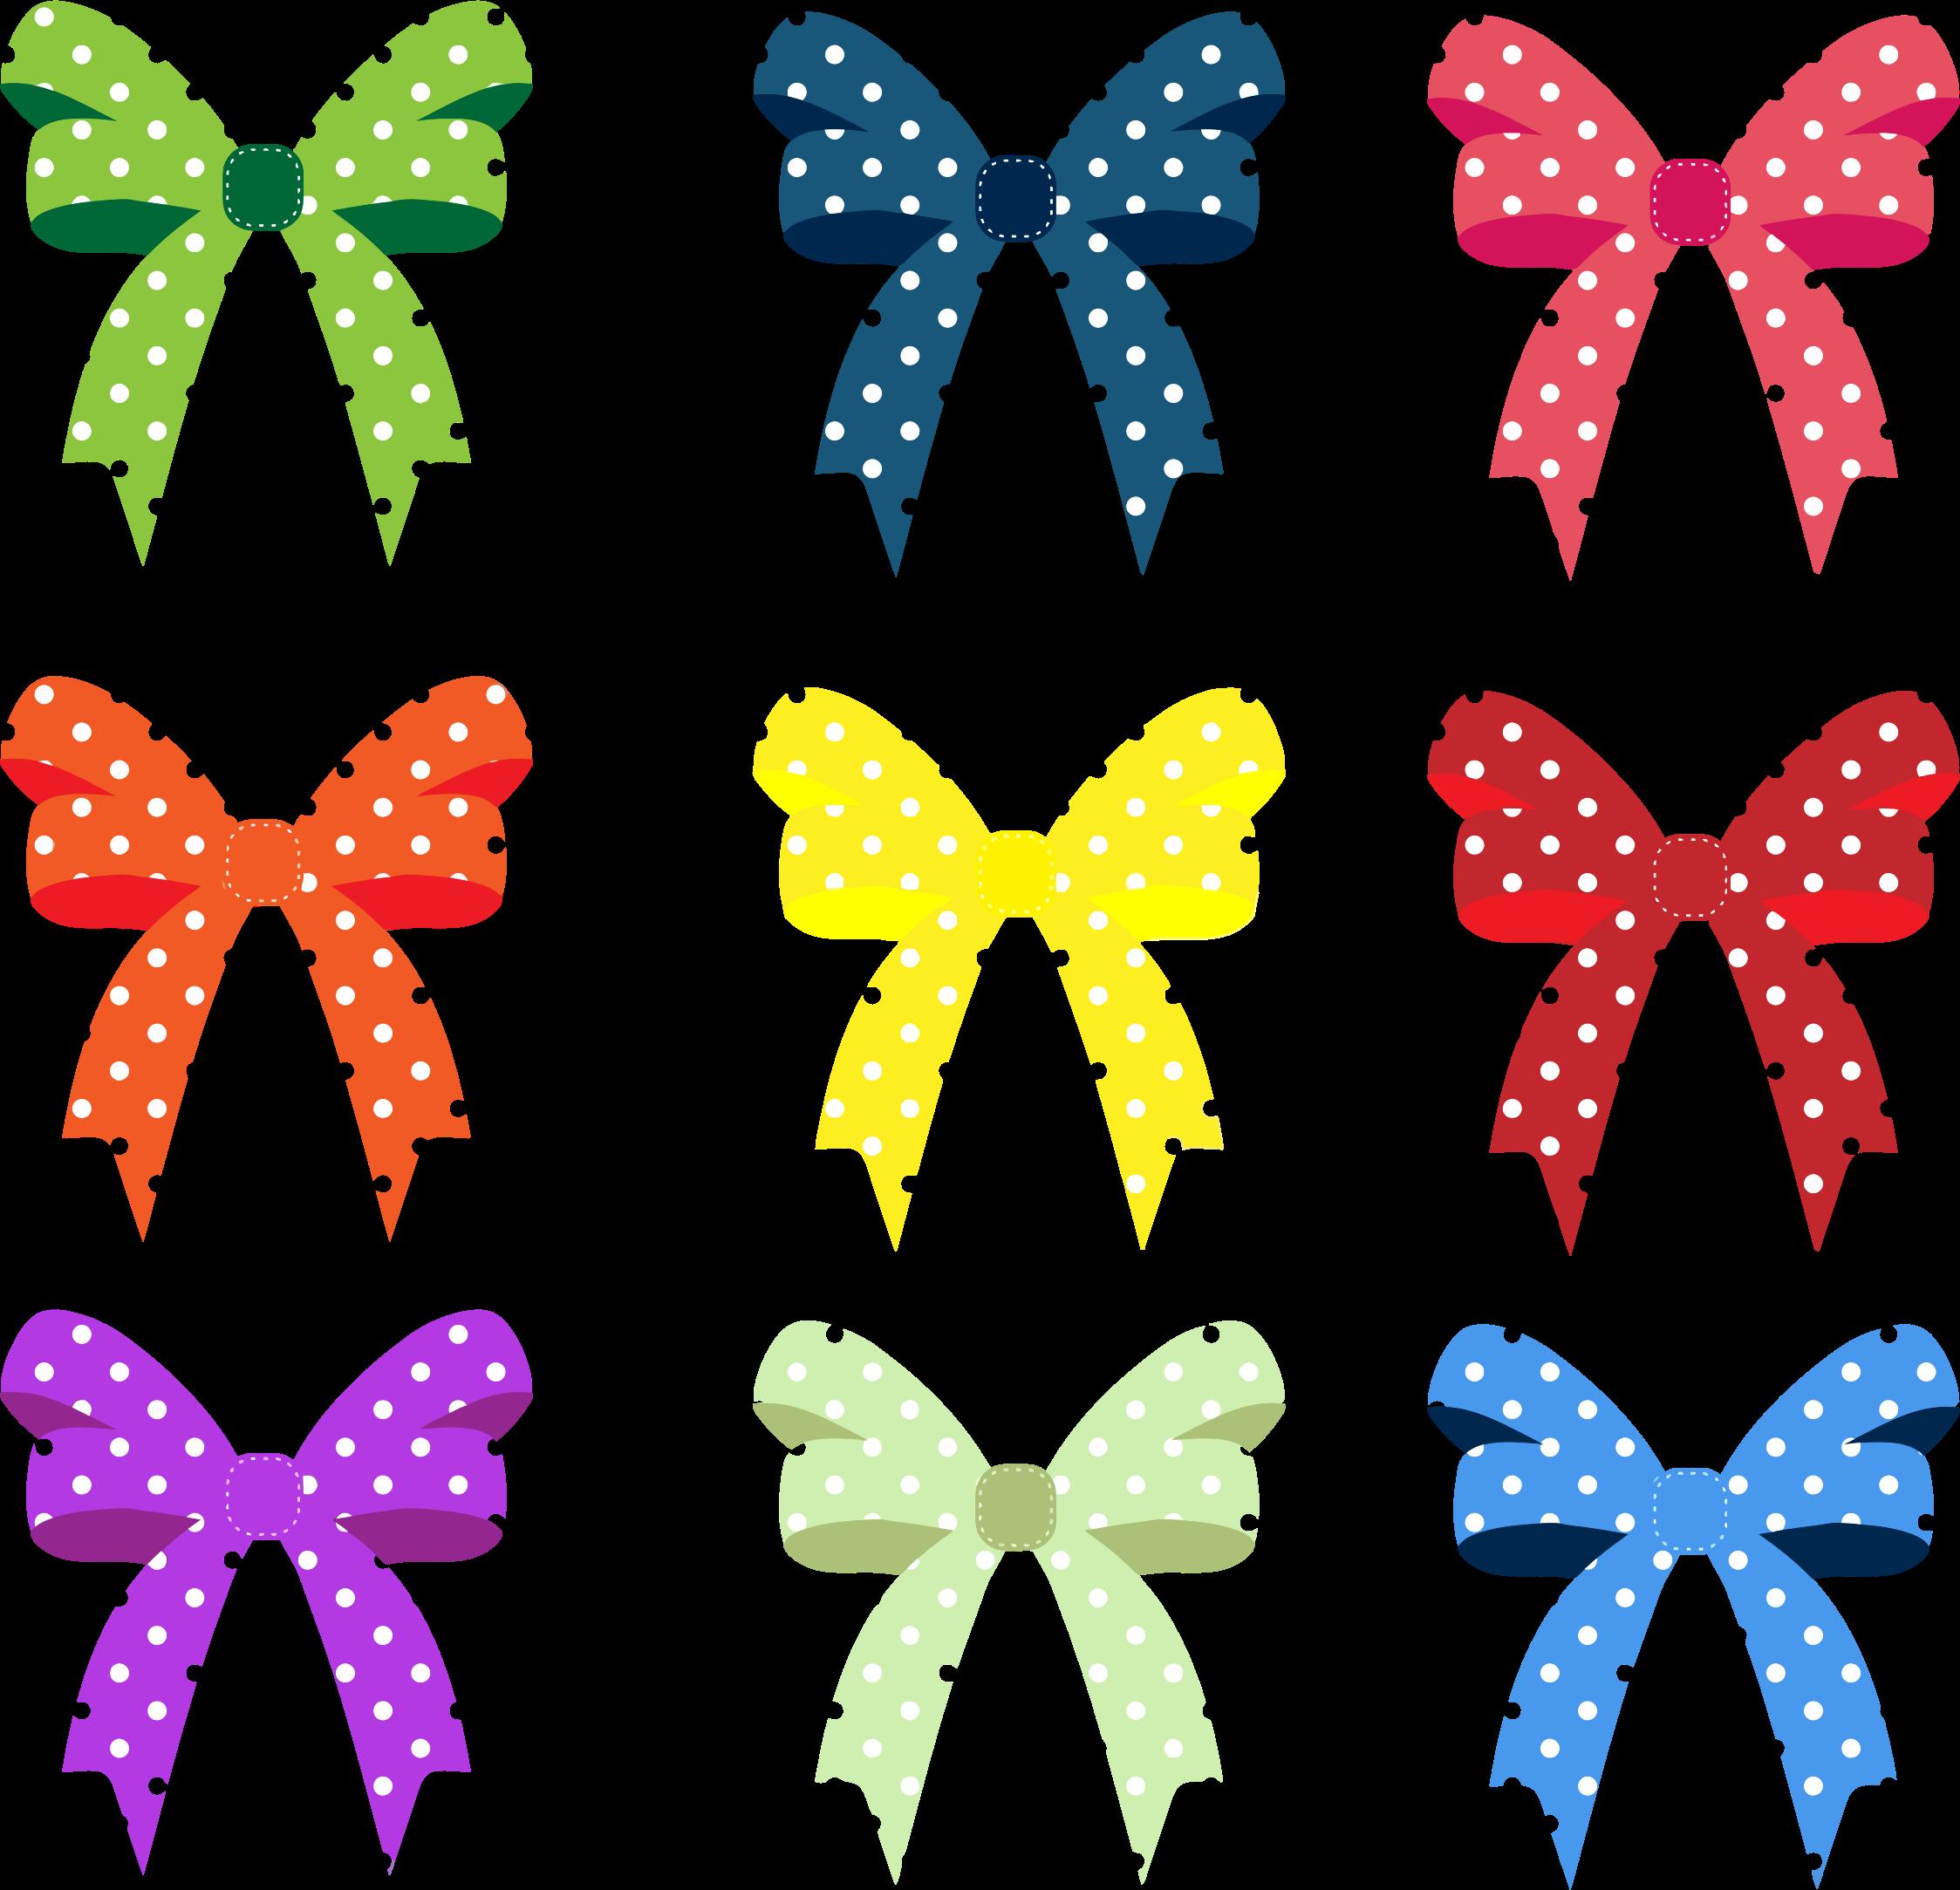 Clipart bow polka dot. Colorful ribbons and bows